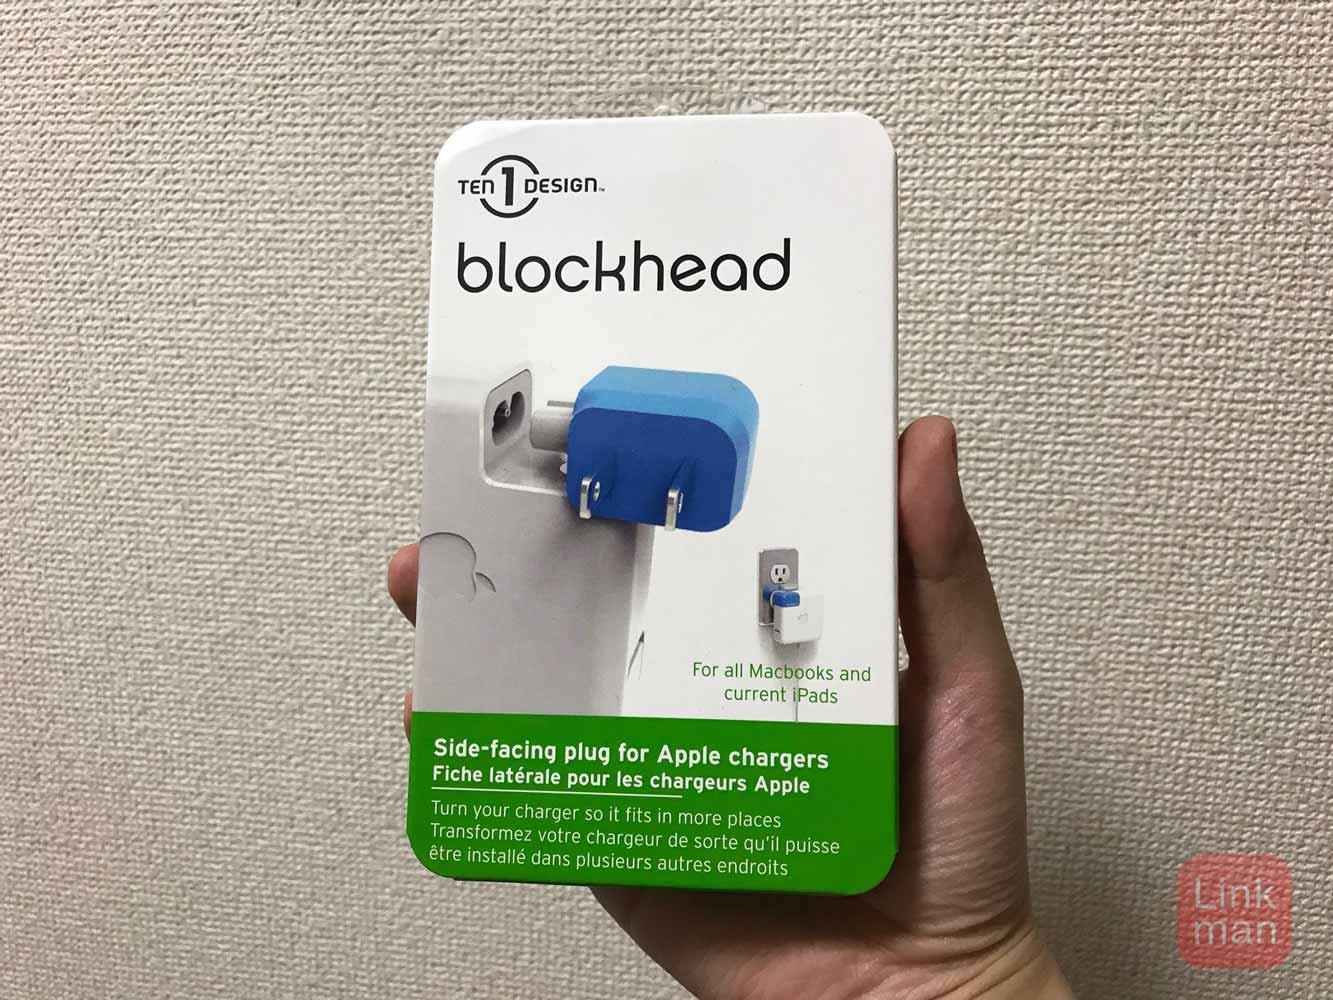 【レビュー】MacBookやiPadの電源アダプタを横向きにできる変換プラグ「Ten One Design Blockhead」をチェック